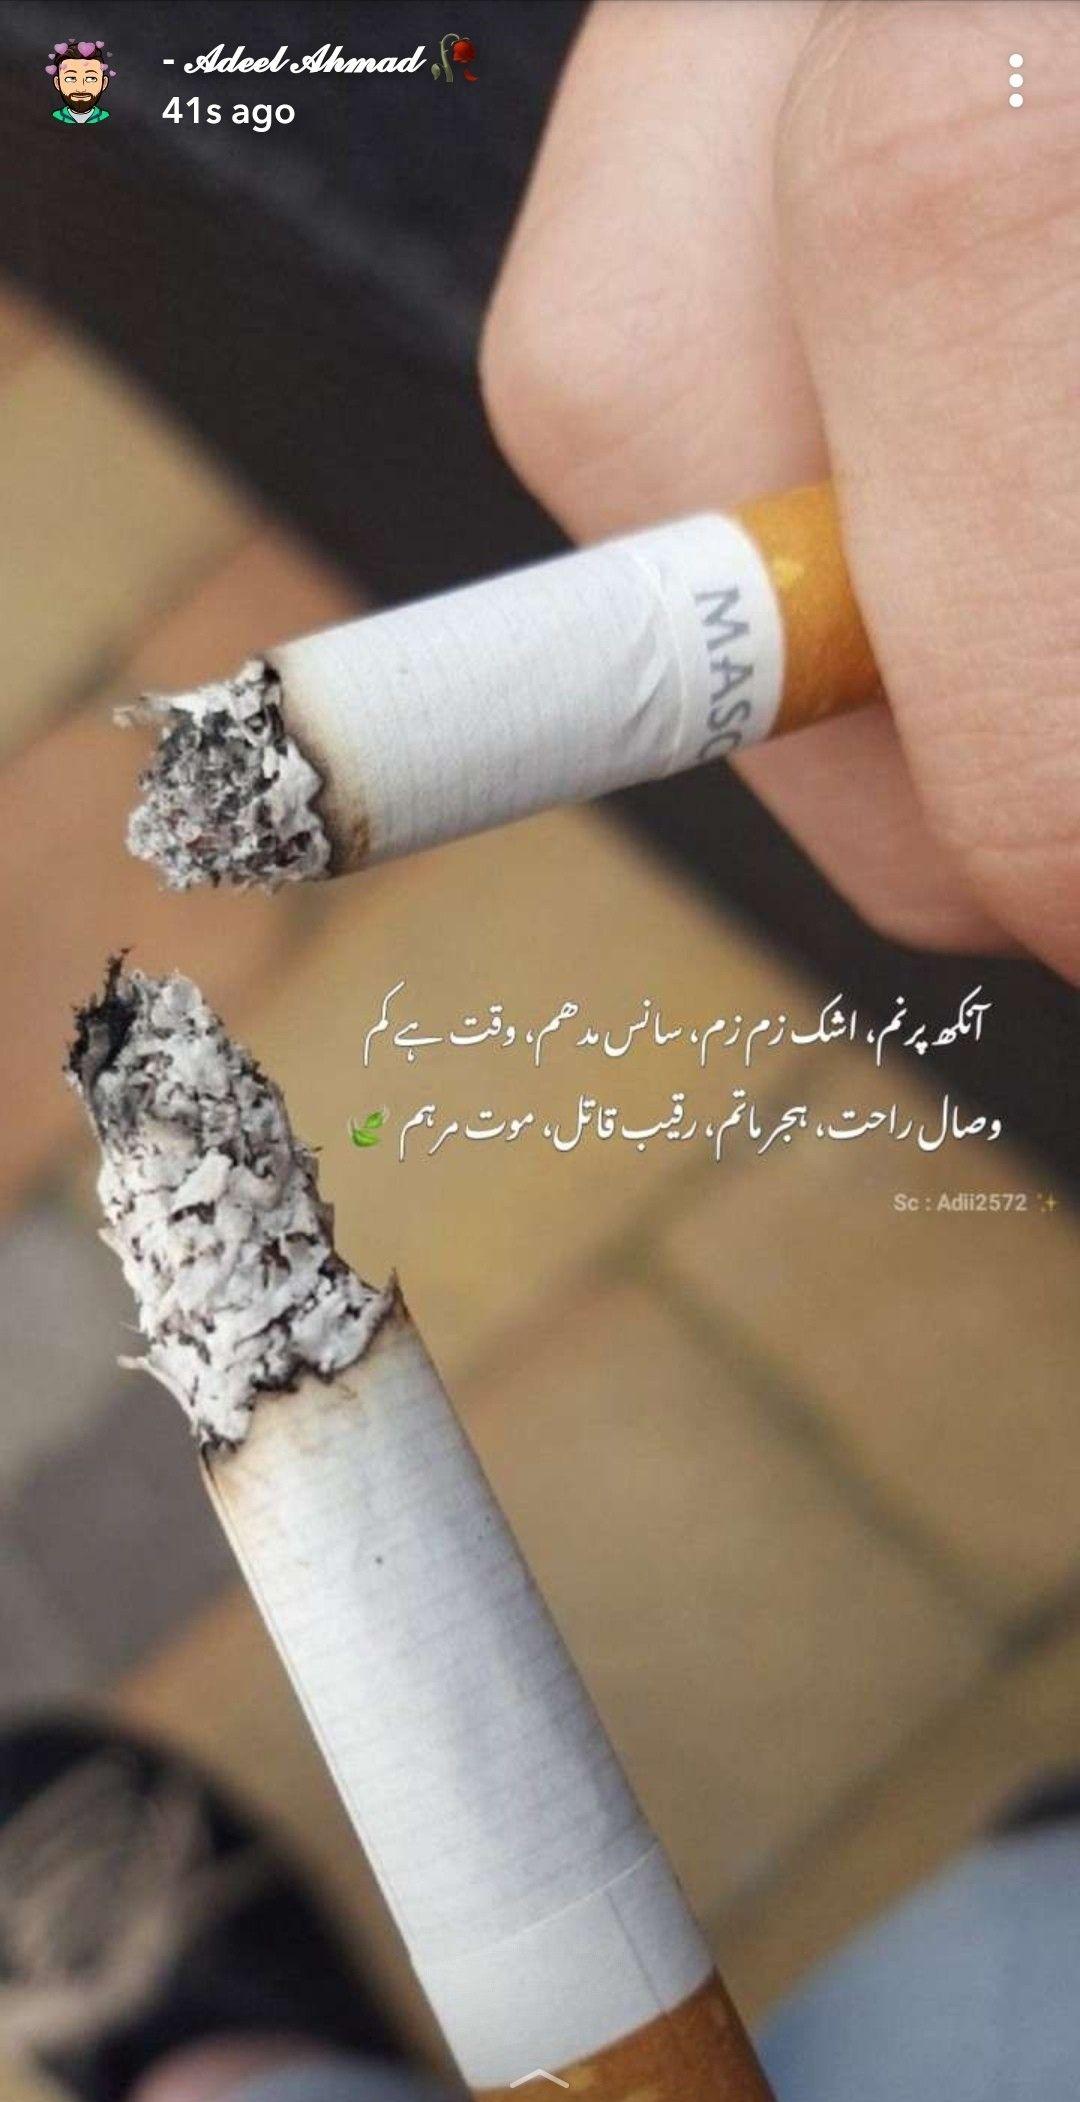 Pin On Urdu ادب